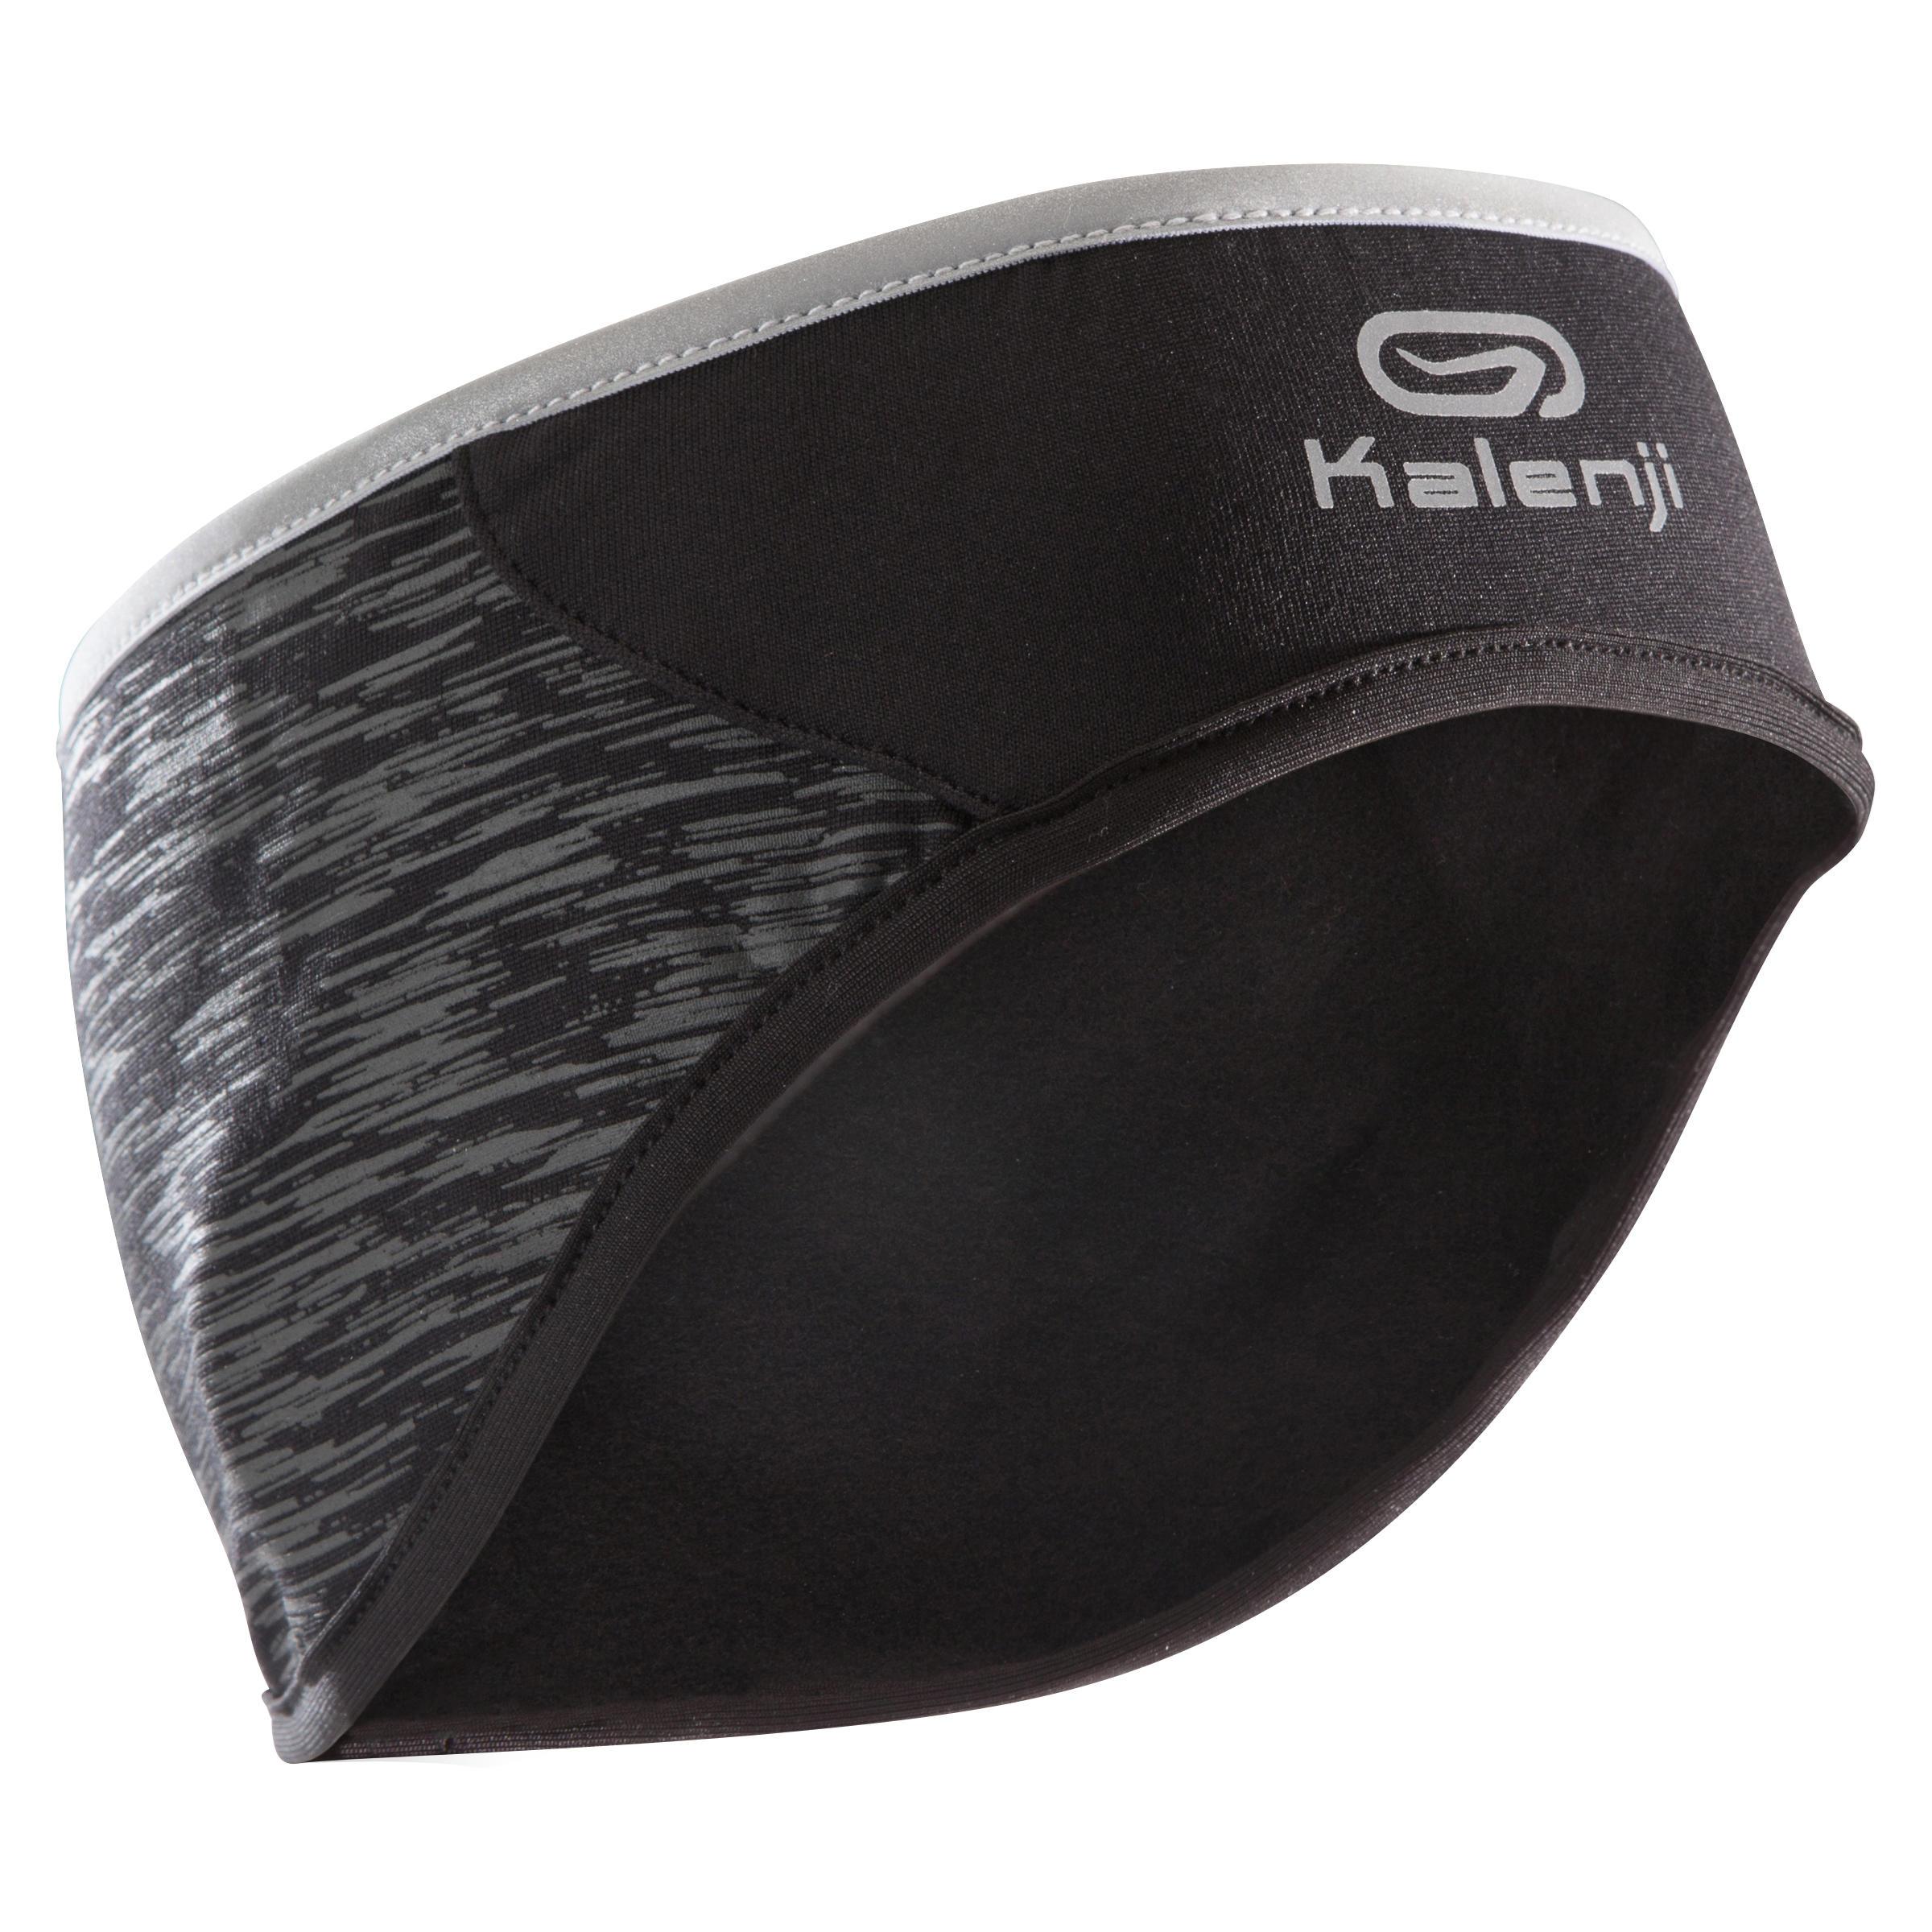 HBWHY Cache-Oreilles dhiver Bandeau Polaire Sports de Plein air Cache-Oreilles pour Courir Yoga Ski Snowboard randonn/ée Camping,Rouge